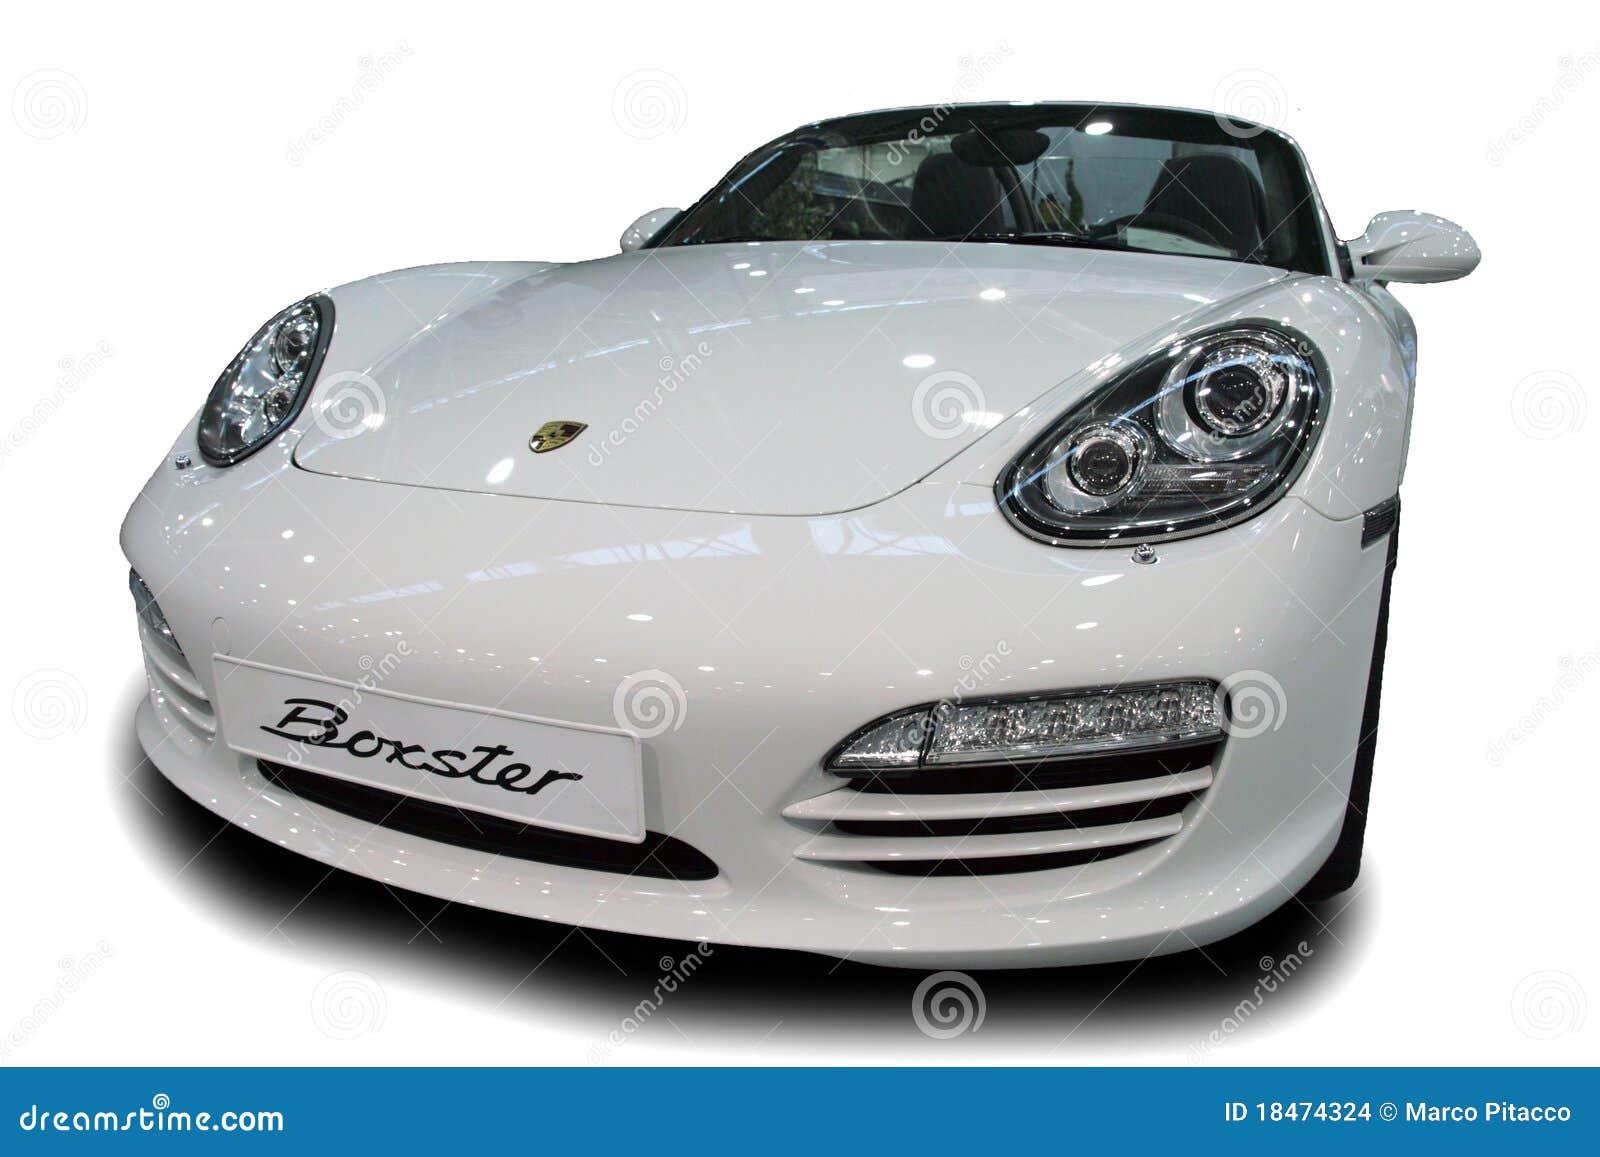 Boxster Porsche